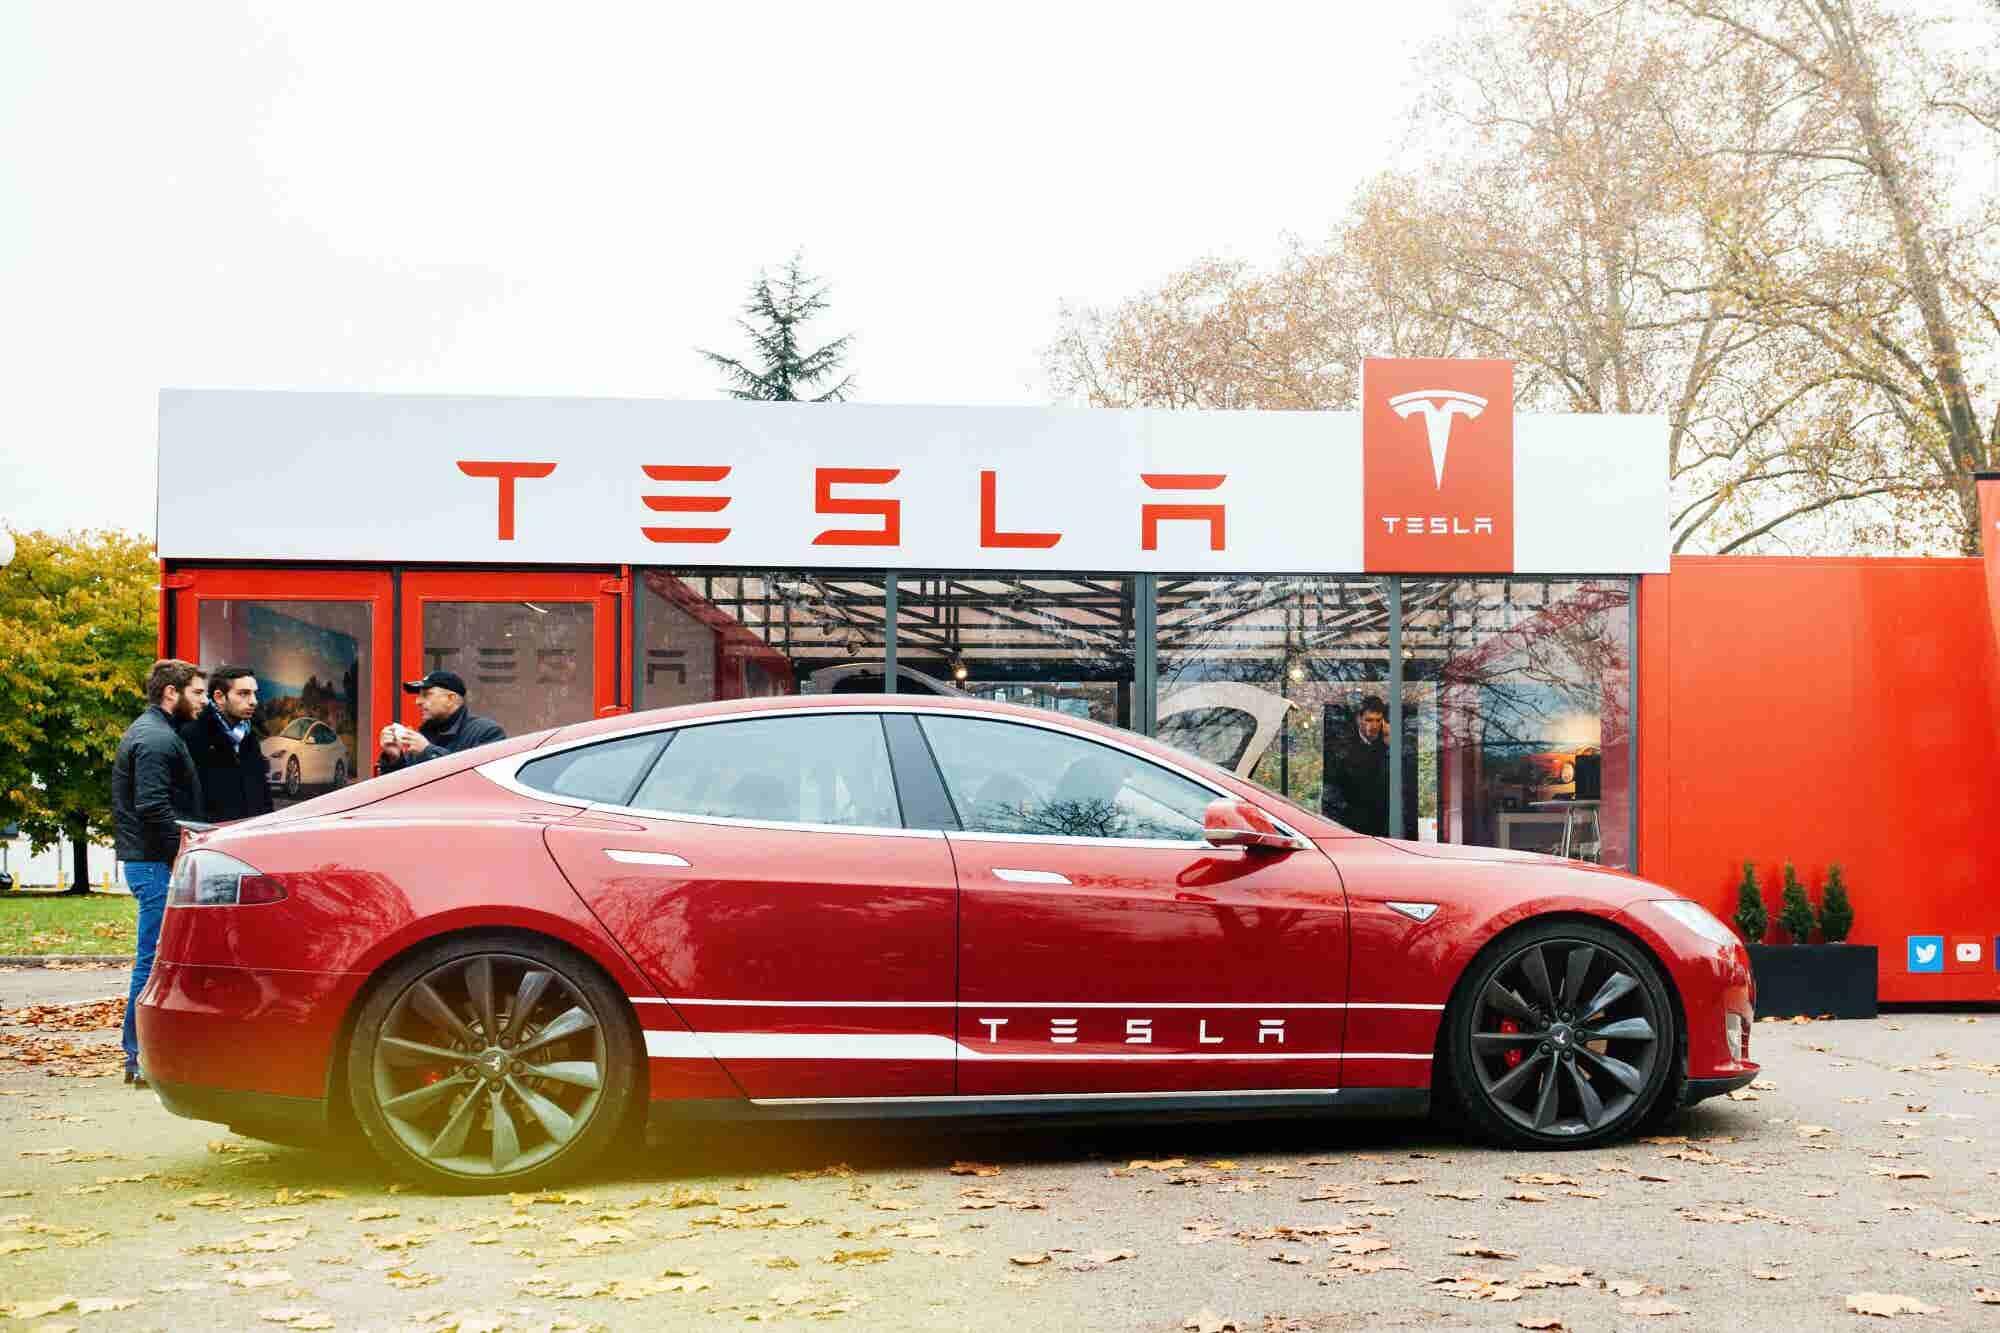 Ejecutivos se empiezan a 'bajar' de Tesla